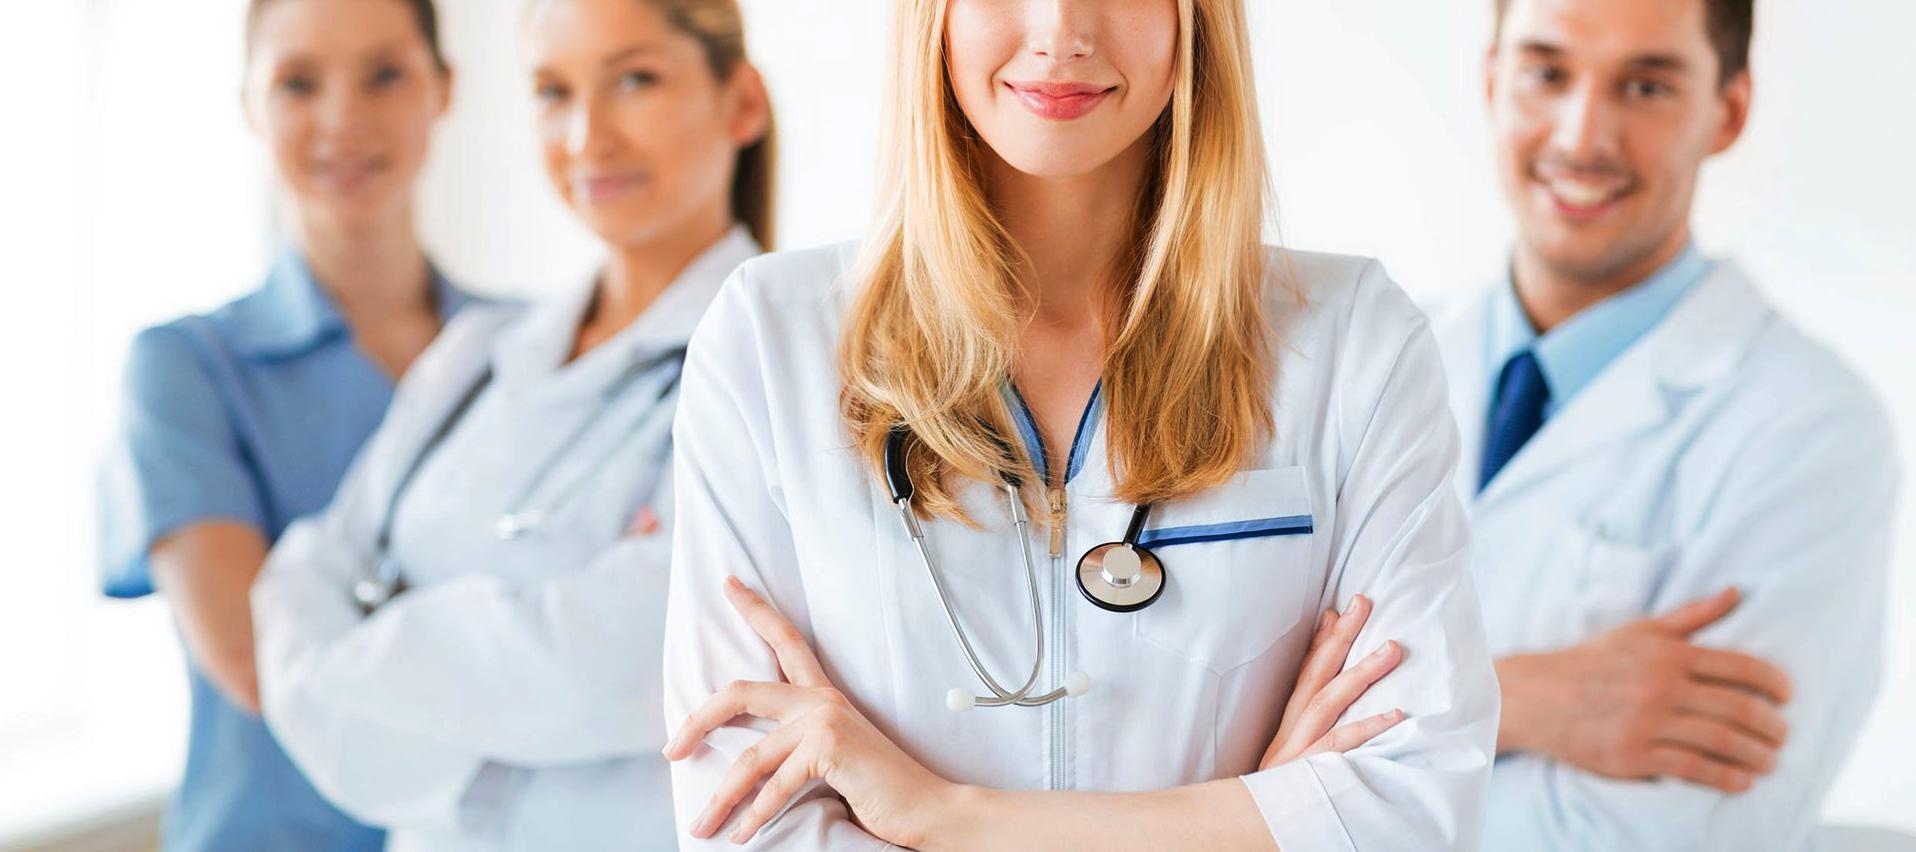 kórházi magas vérnyomás standard)